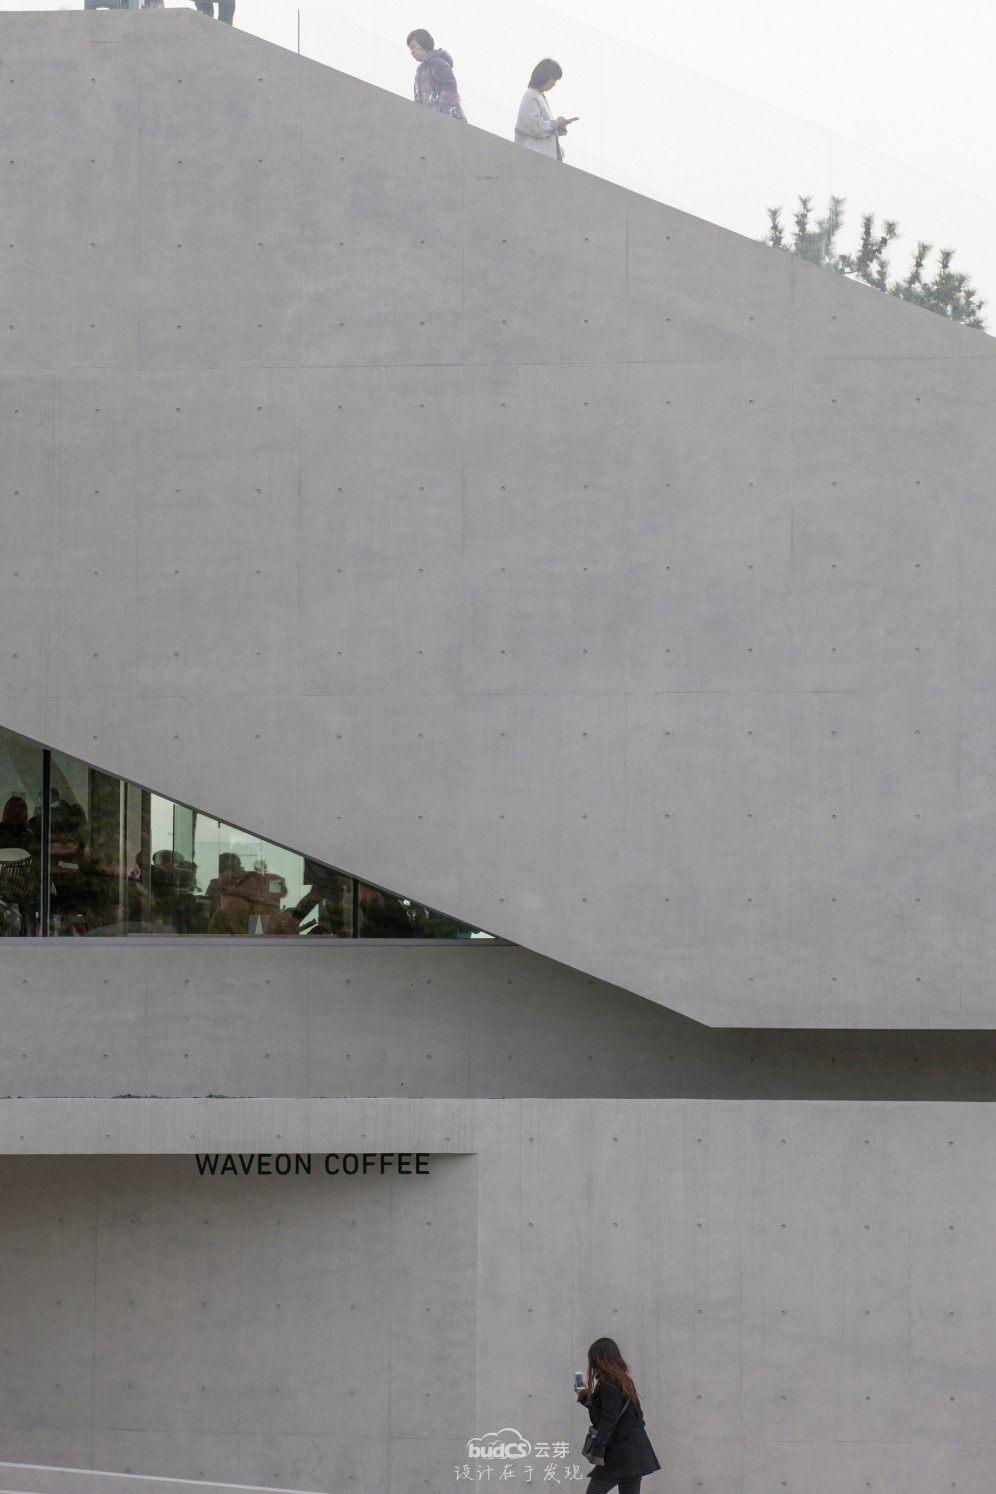 韩国Waveon咖啡厅_224868-d0f1216e4219be1cedac38822171aae2.jpg